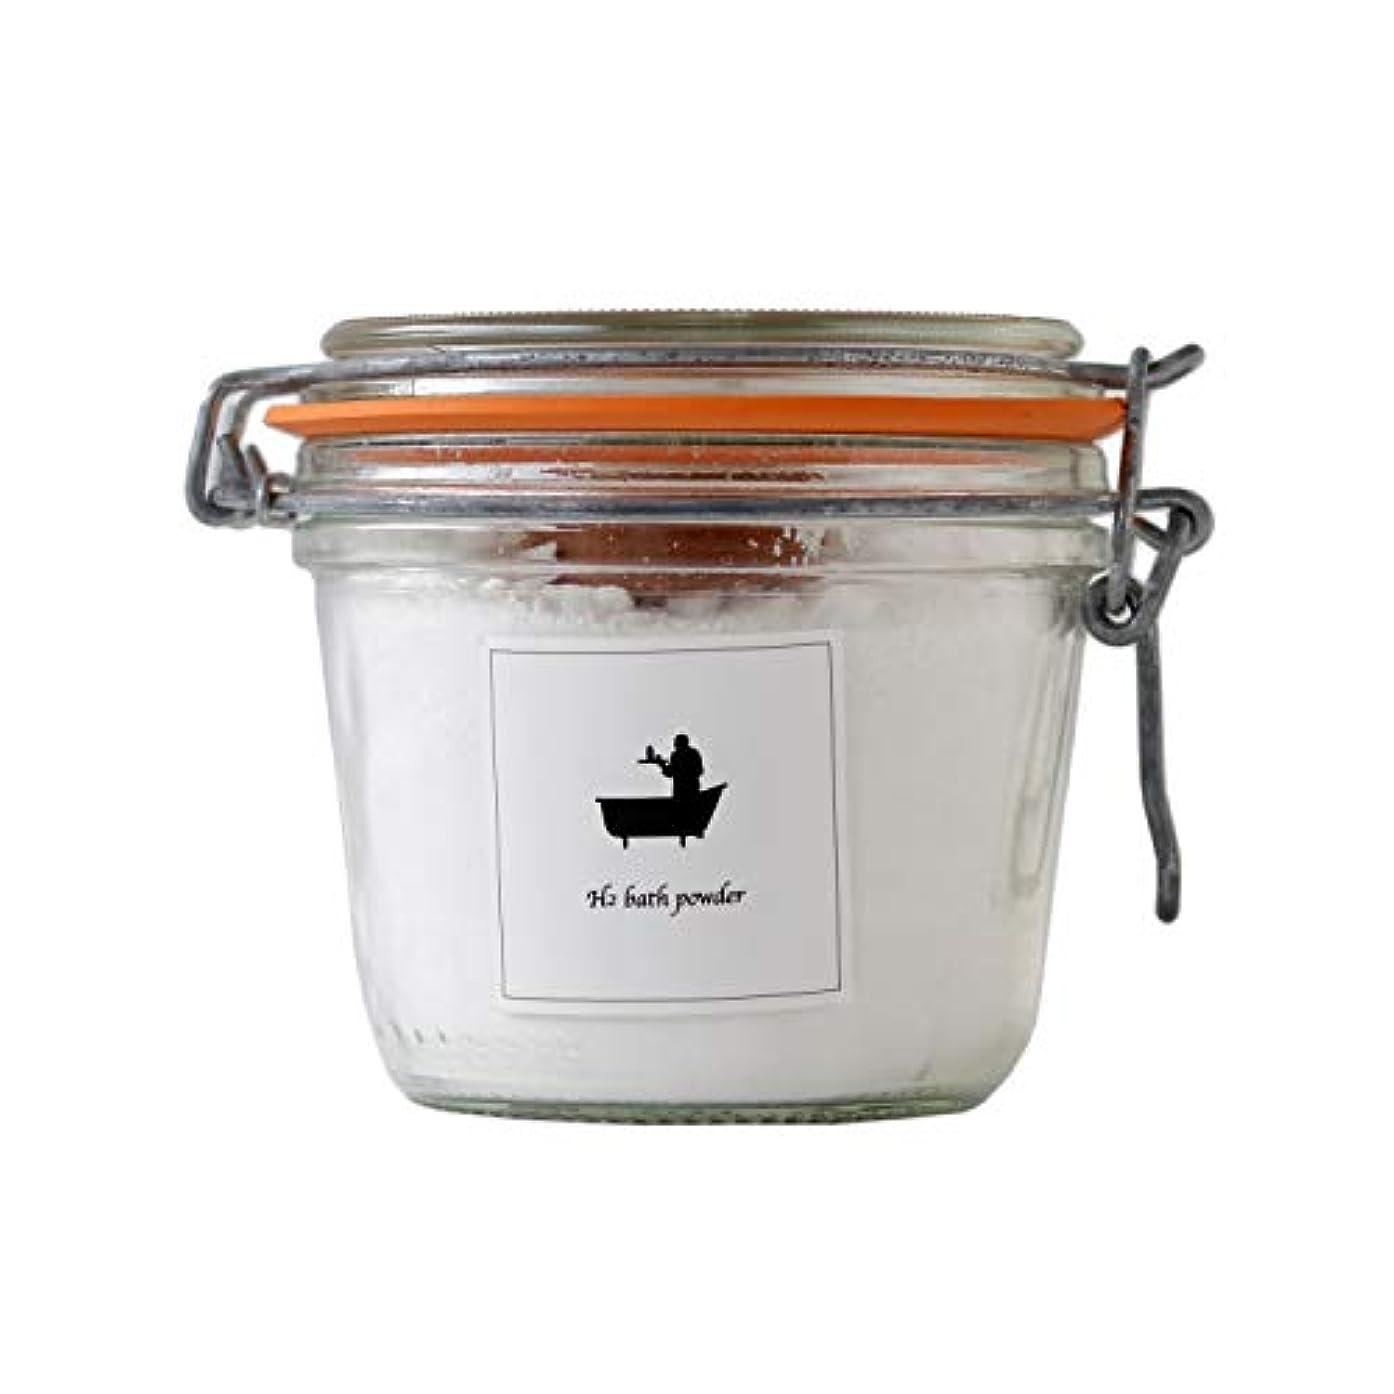 エンドウ再現するストライク水素入浴剤「BATHLIER H2 bath powder」RDモイストバスパウダー/ジャータイプ